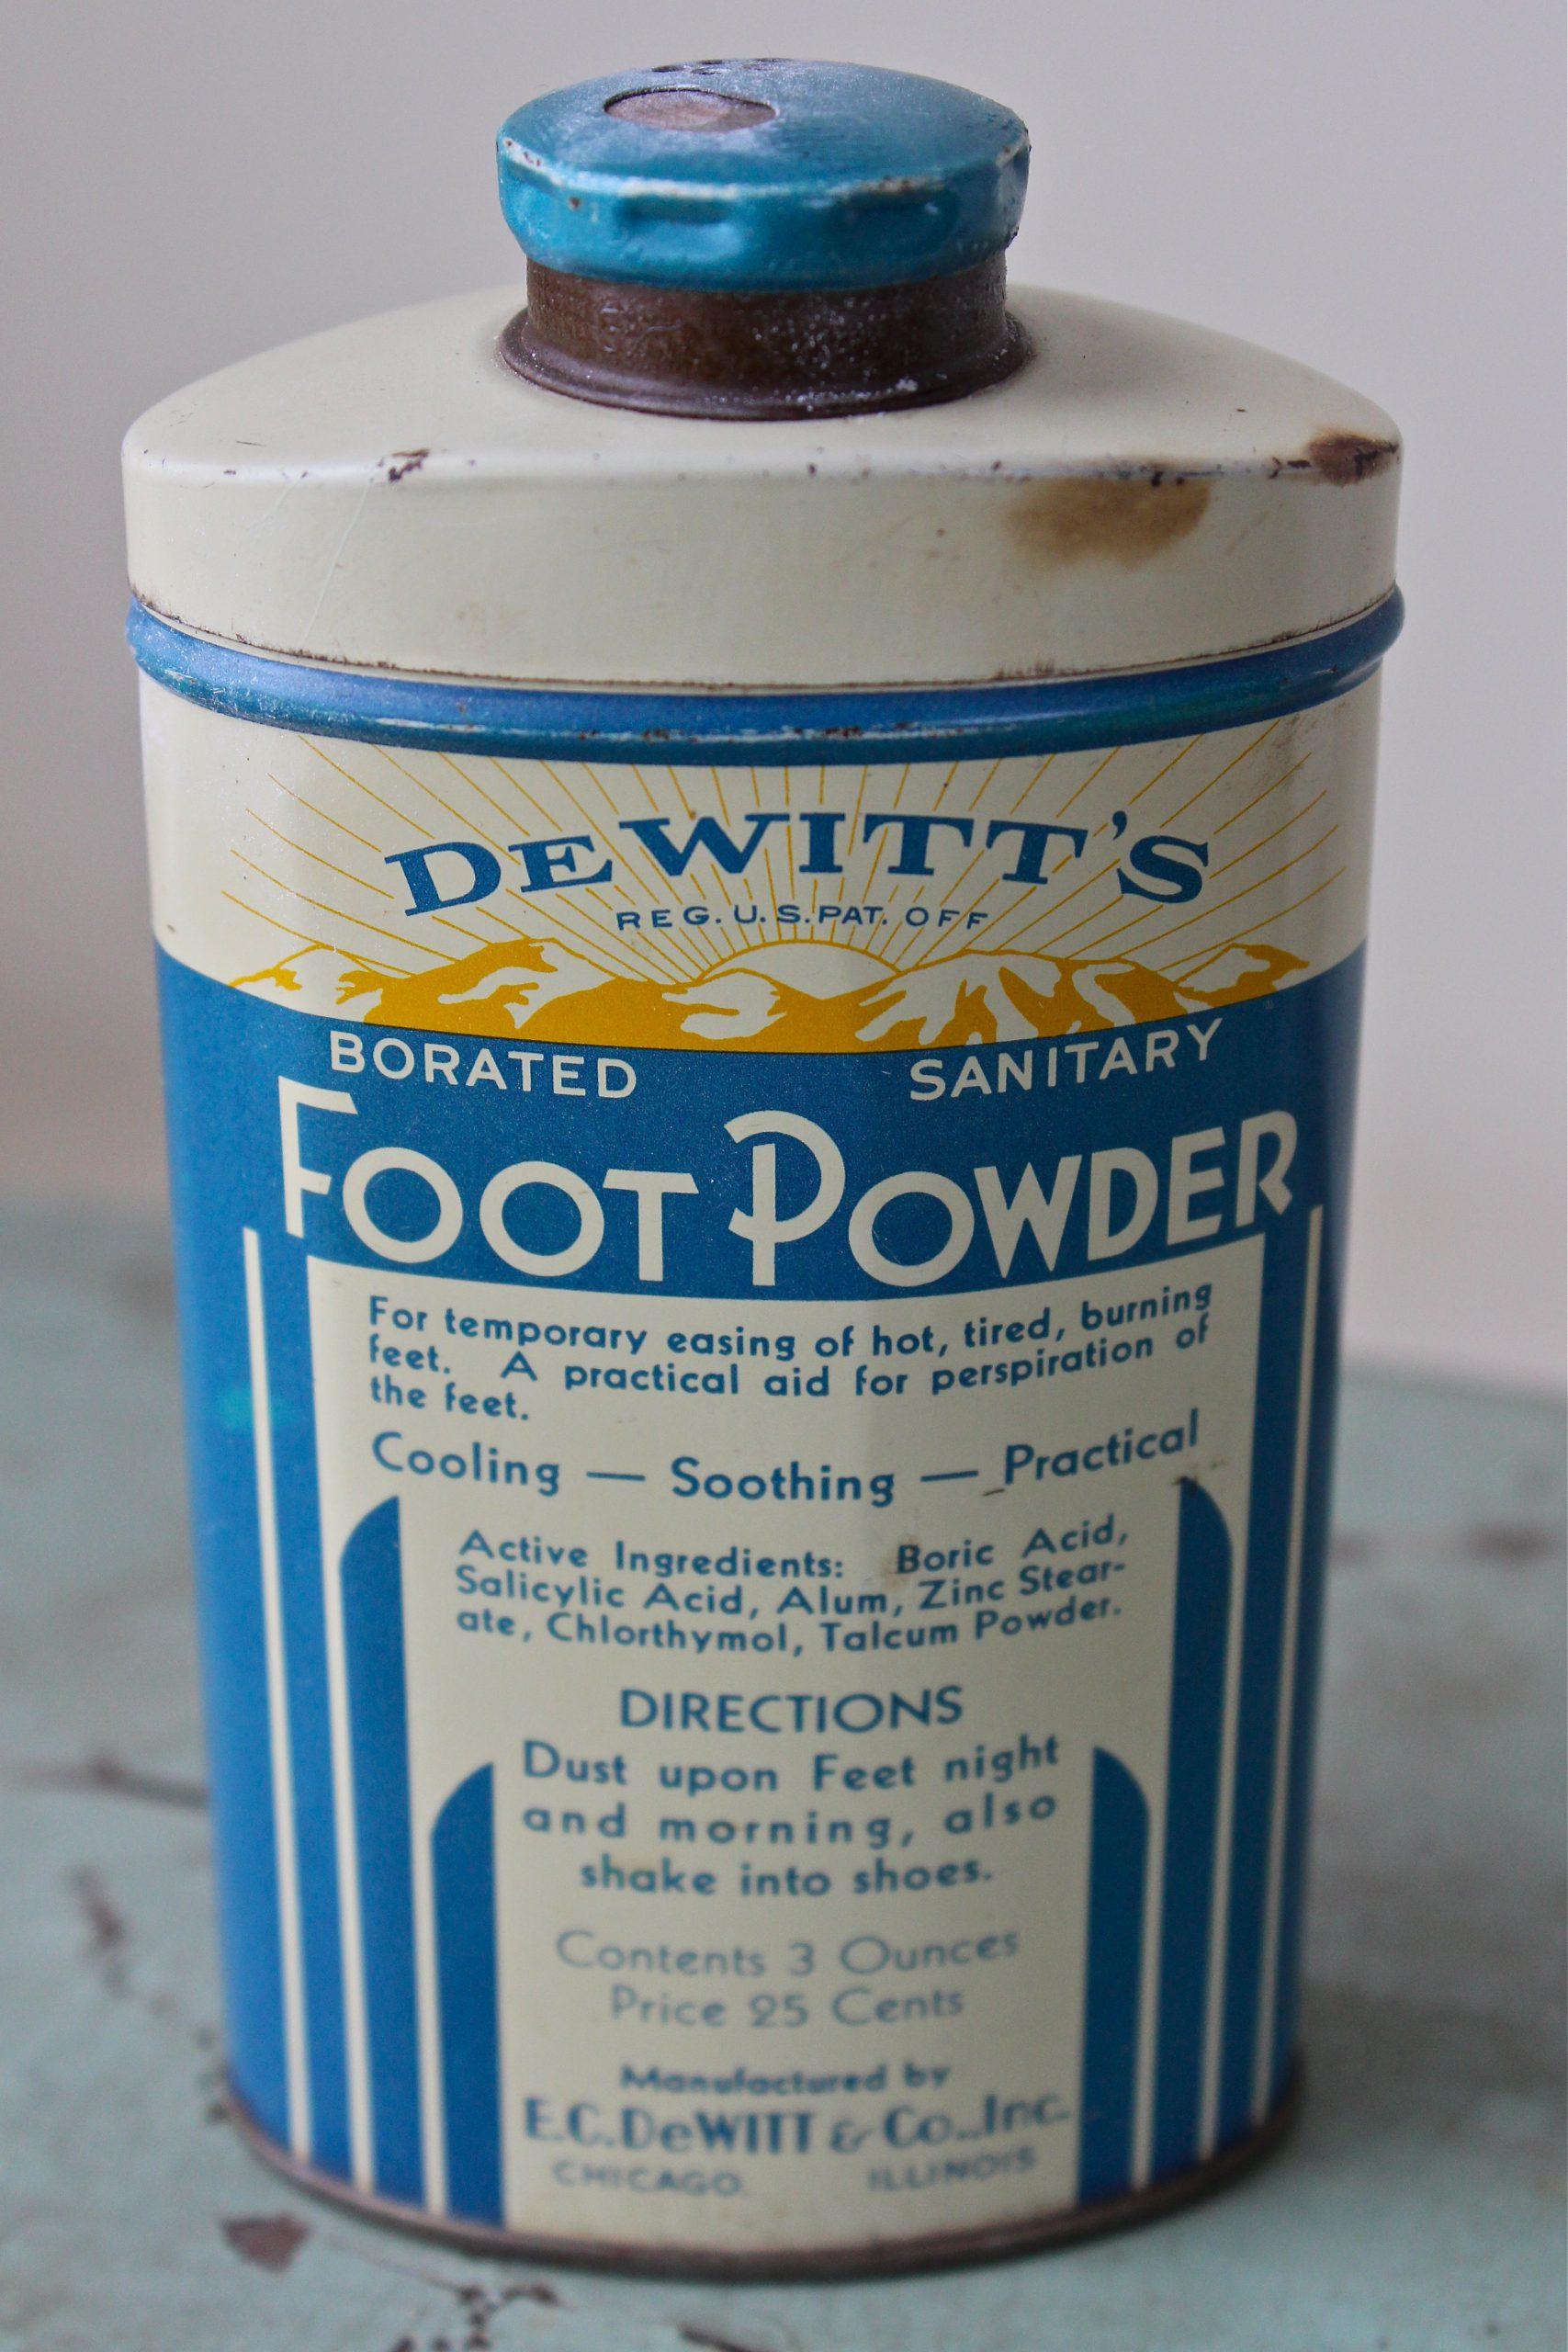 E. C. DeWitt Co. History